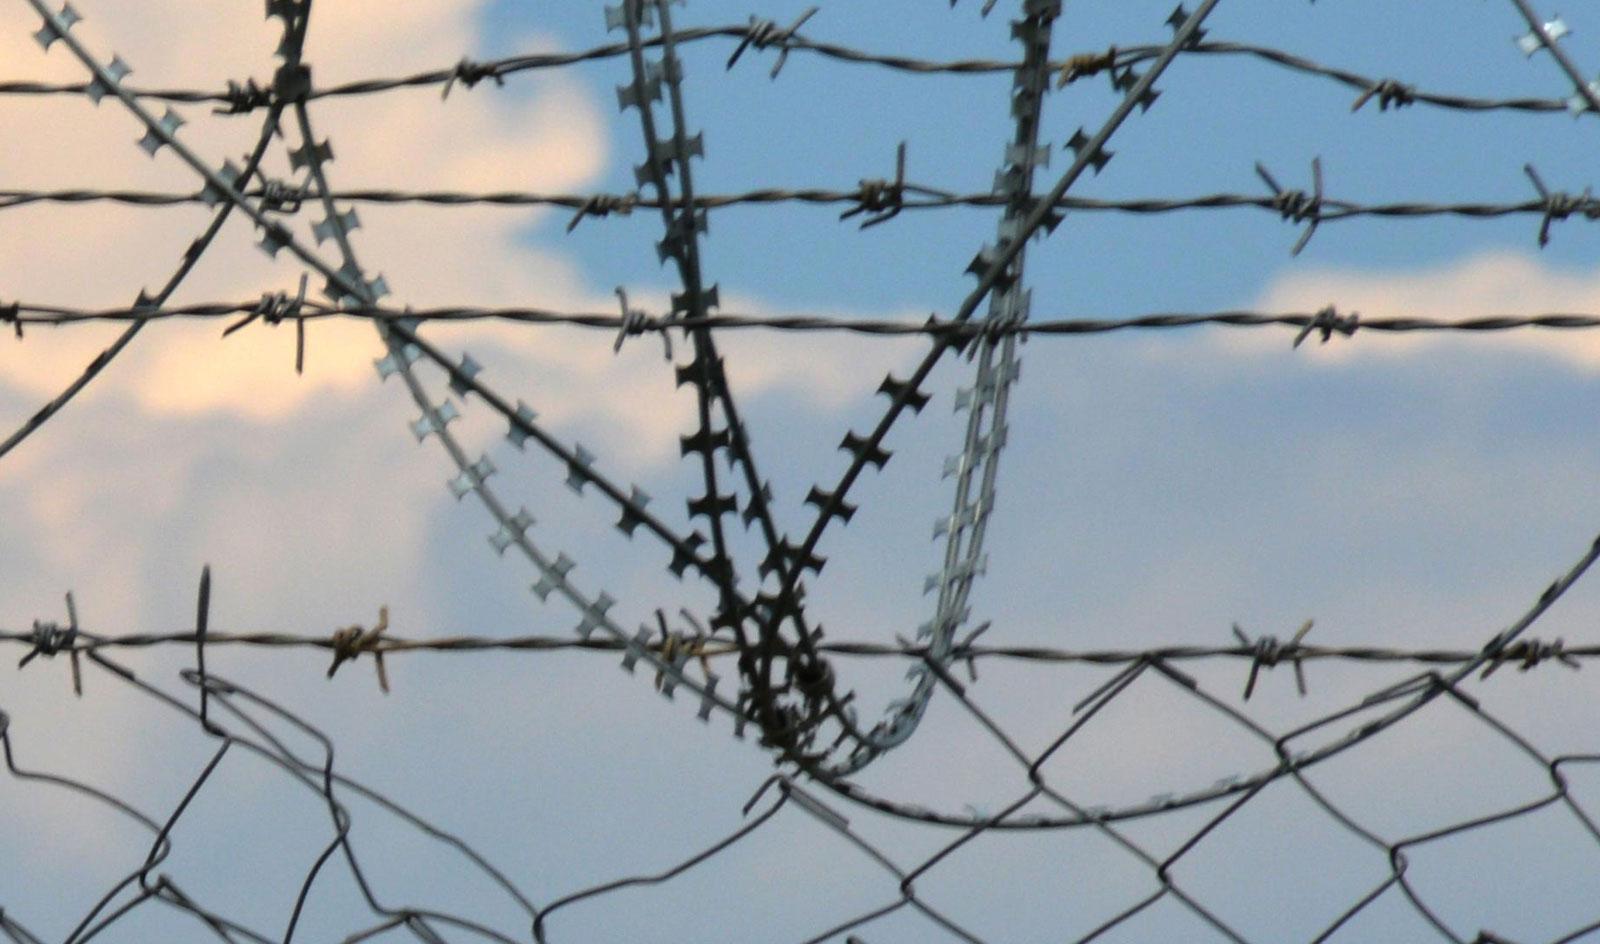 Caravana 'Obrint Fronteres': Cap al restabliment de la legalitat a la Frontera Sud